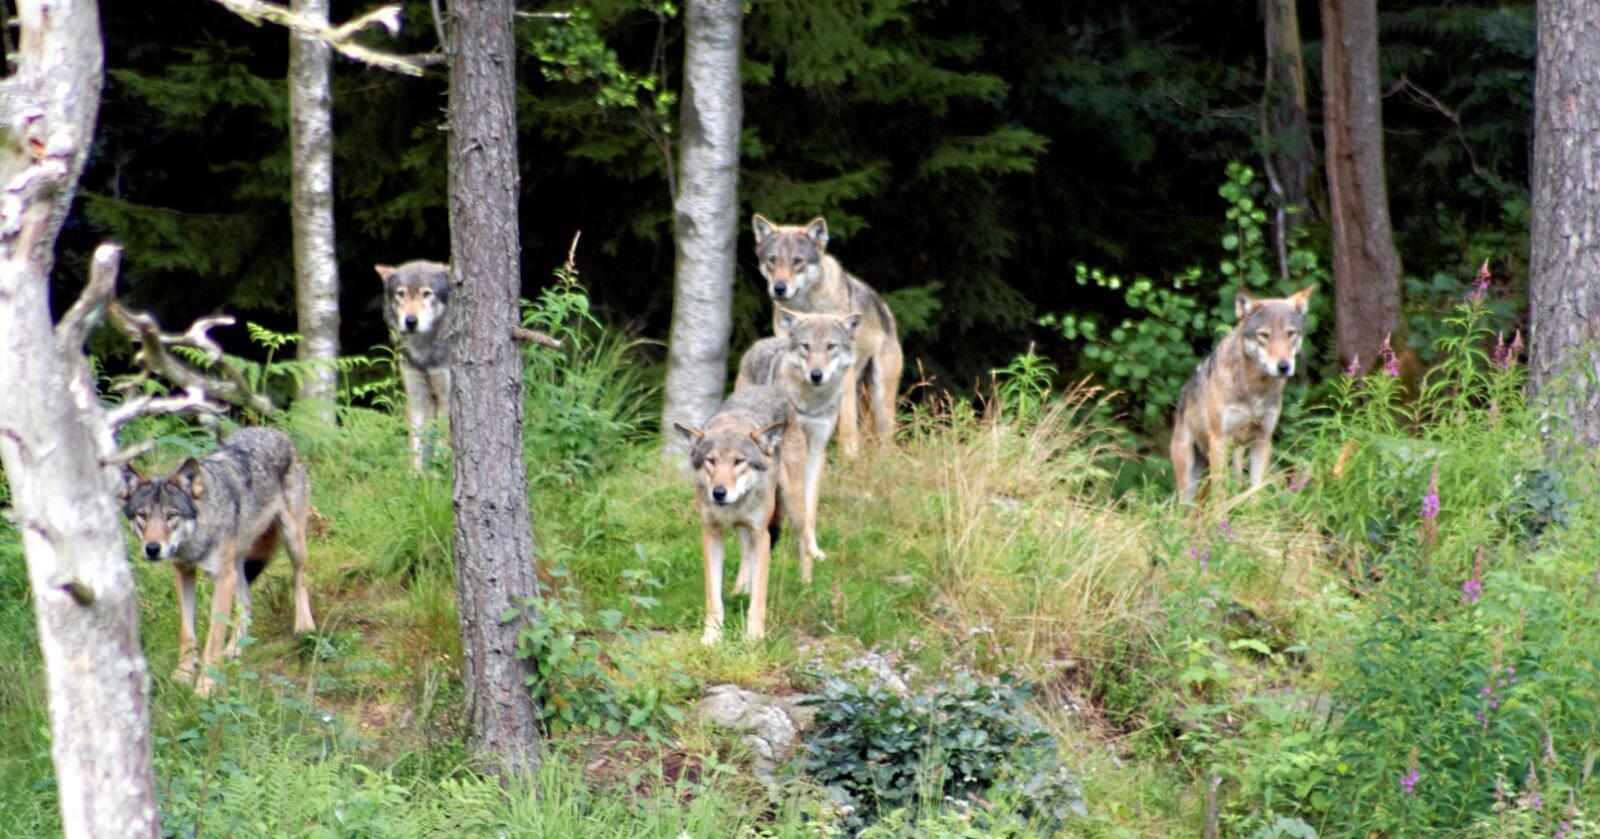 I løpet av høsten og vinteren har det gått en debatt i Tyskland om å få skyte mer ulv. Den tyske bondeorganisasjonen har blant annet tatt til orde for å endre lovene. Foto: Mostphotos